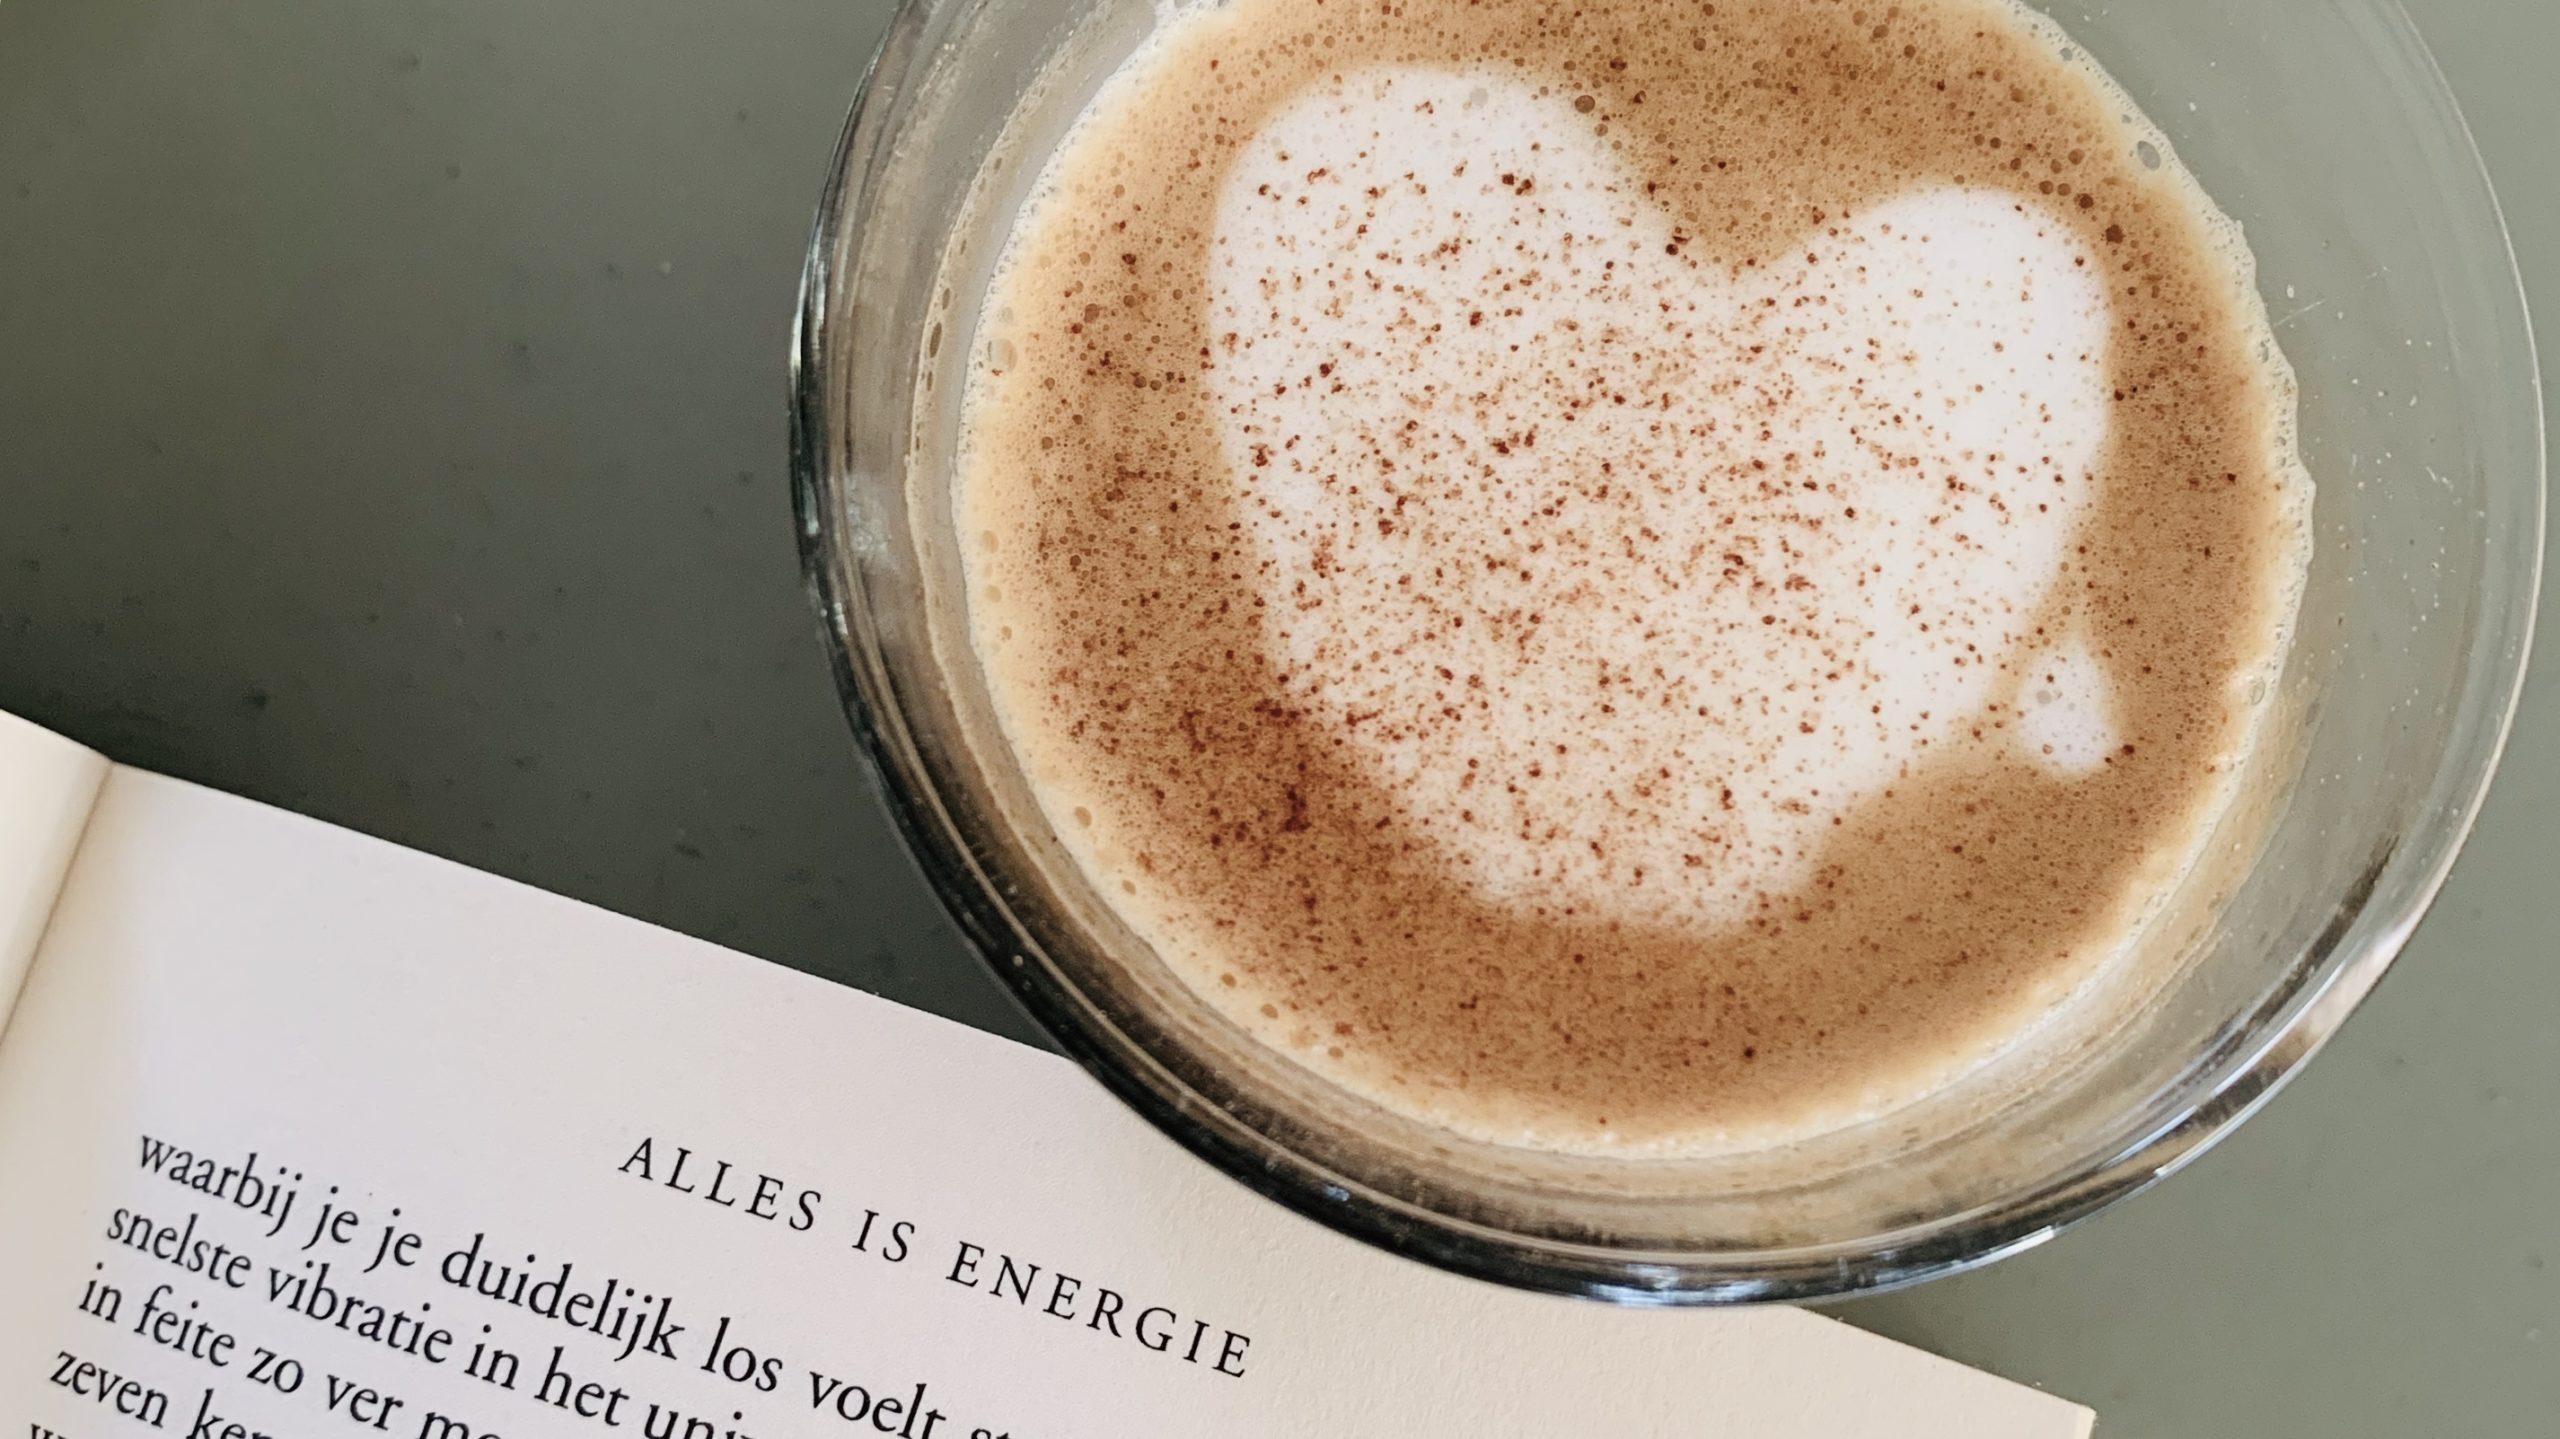 Koffie en een goed boek! Heerlijk begin van de dag! Alleen welk boek?